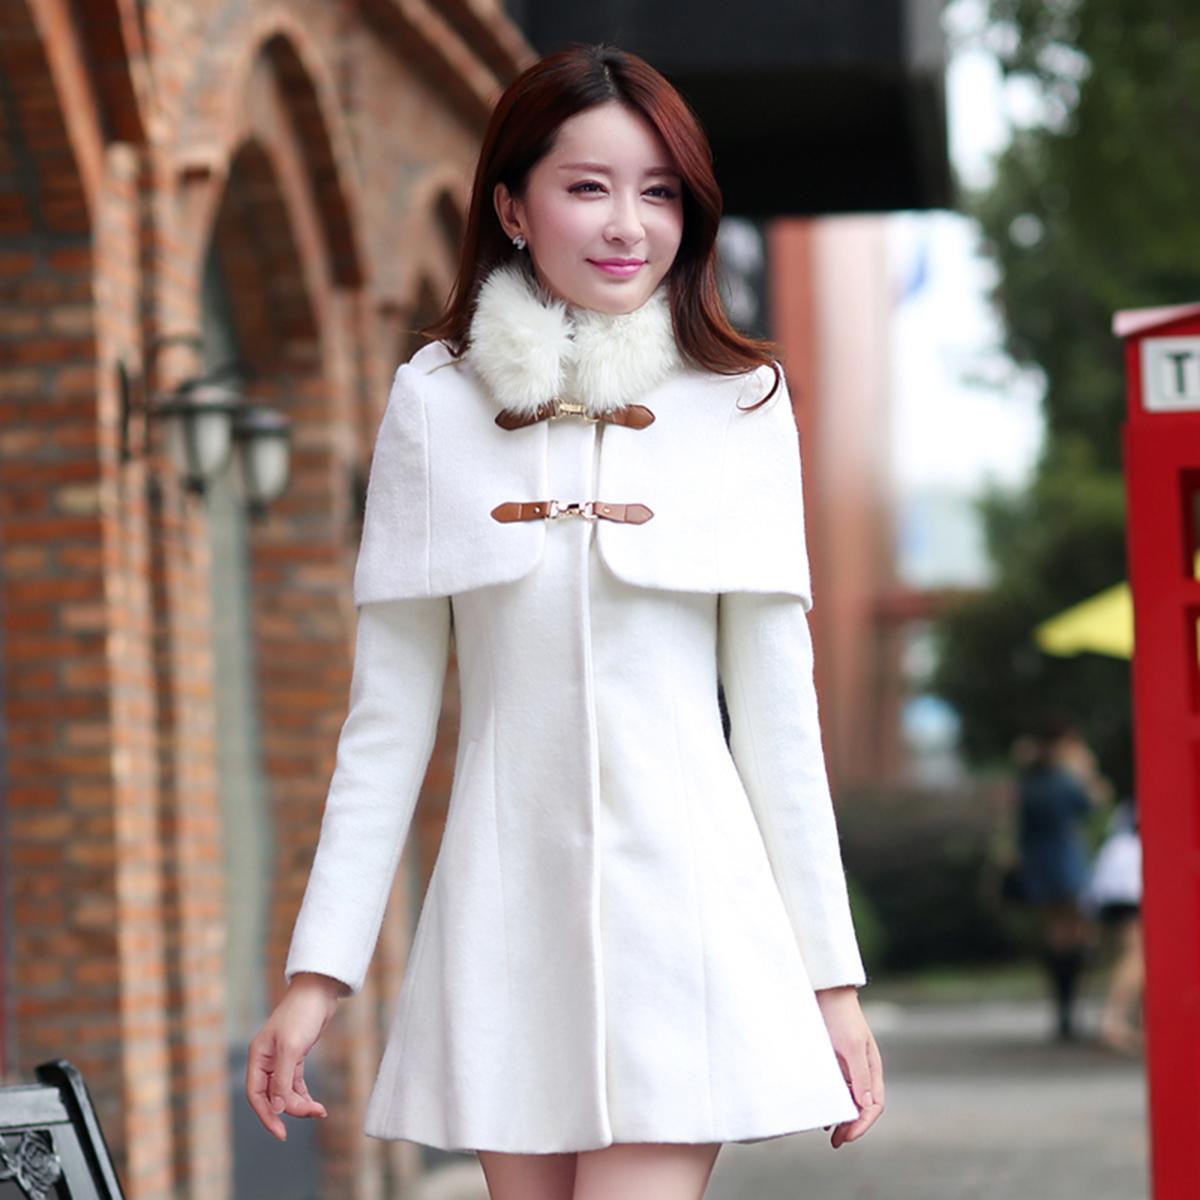 женское пальто Ayilian 2014 зима новый стиль Женская мода пальто тонкий мало два куска шерсти зимнее пальто шаль